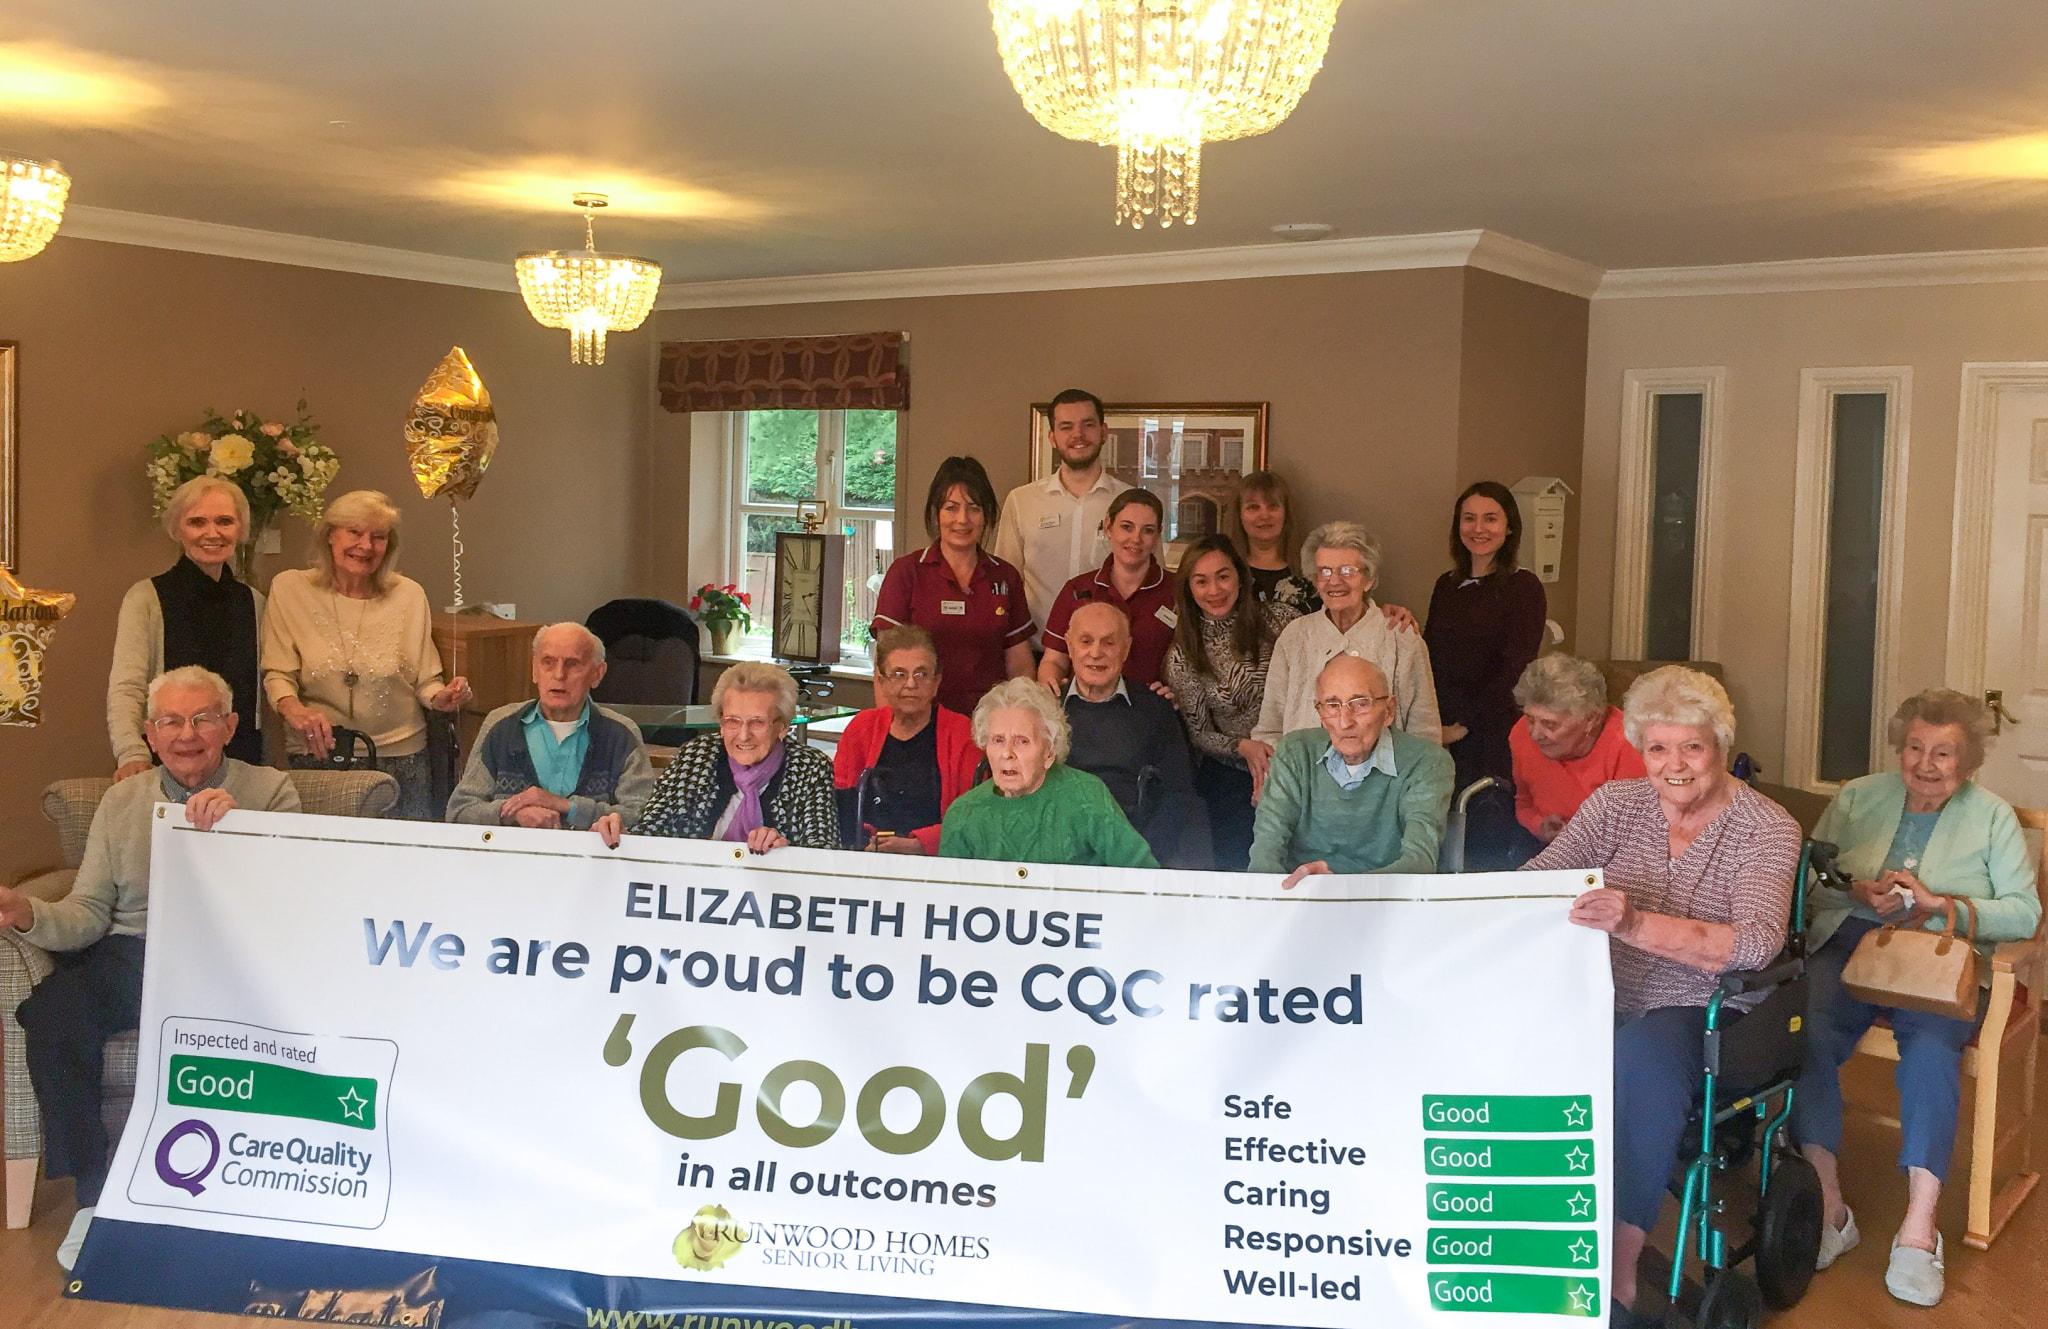 Elizabeth House Good CQC